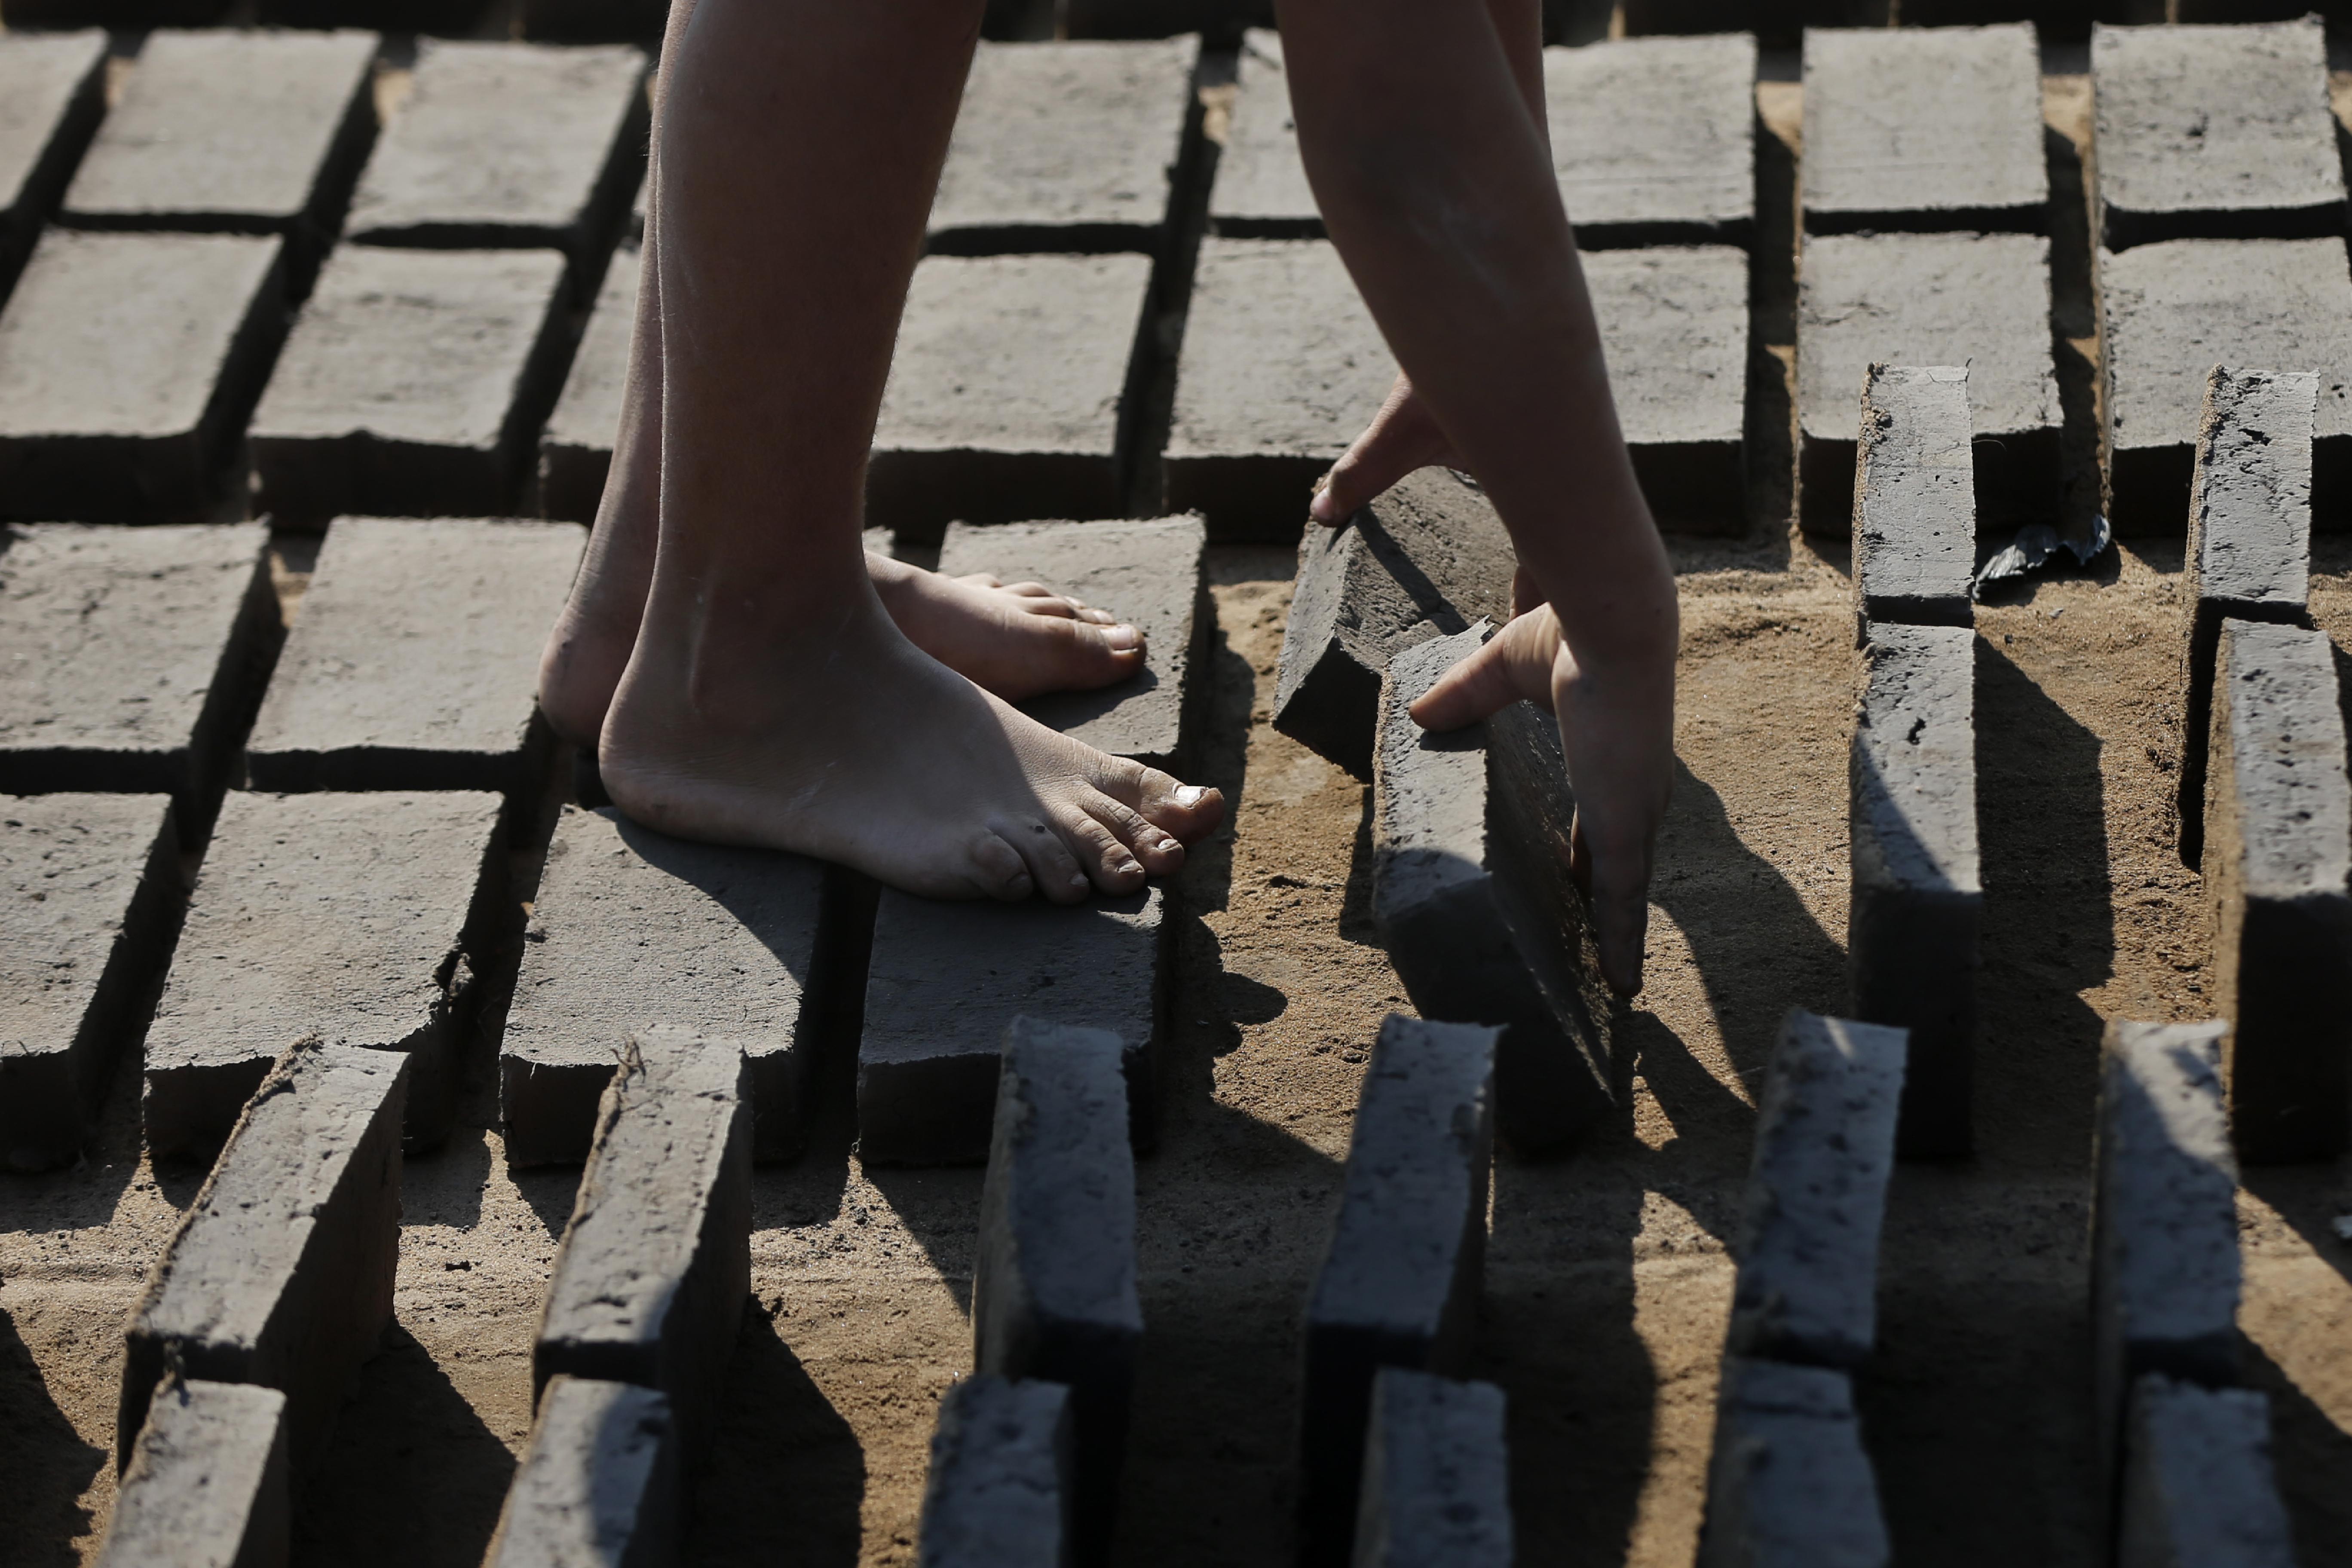 Cristian voltea ladrillos de arcilla de lado mientras se secan al sol antes de colocarlos en un horno en una pequeña fábrica de ladrillos en Tobati, Paraguay, el lunes 24 de agosto de 2020.